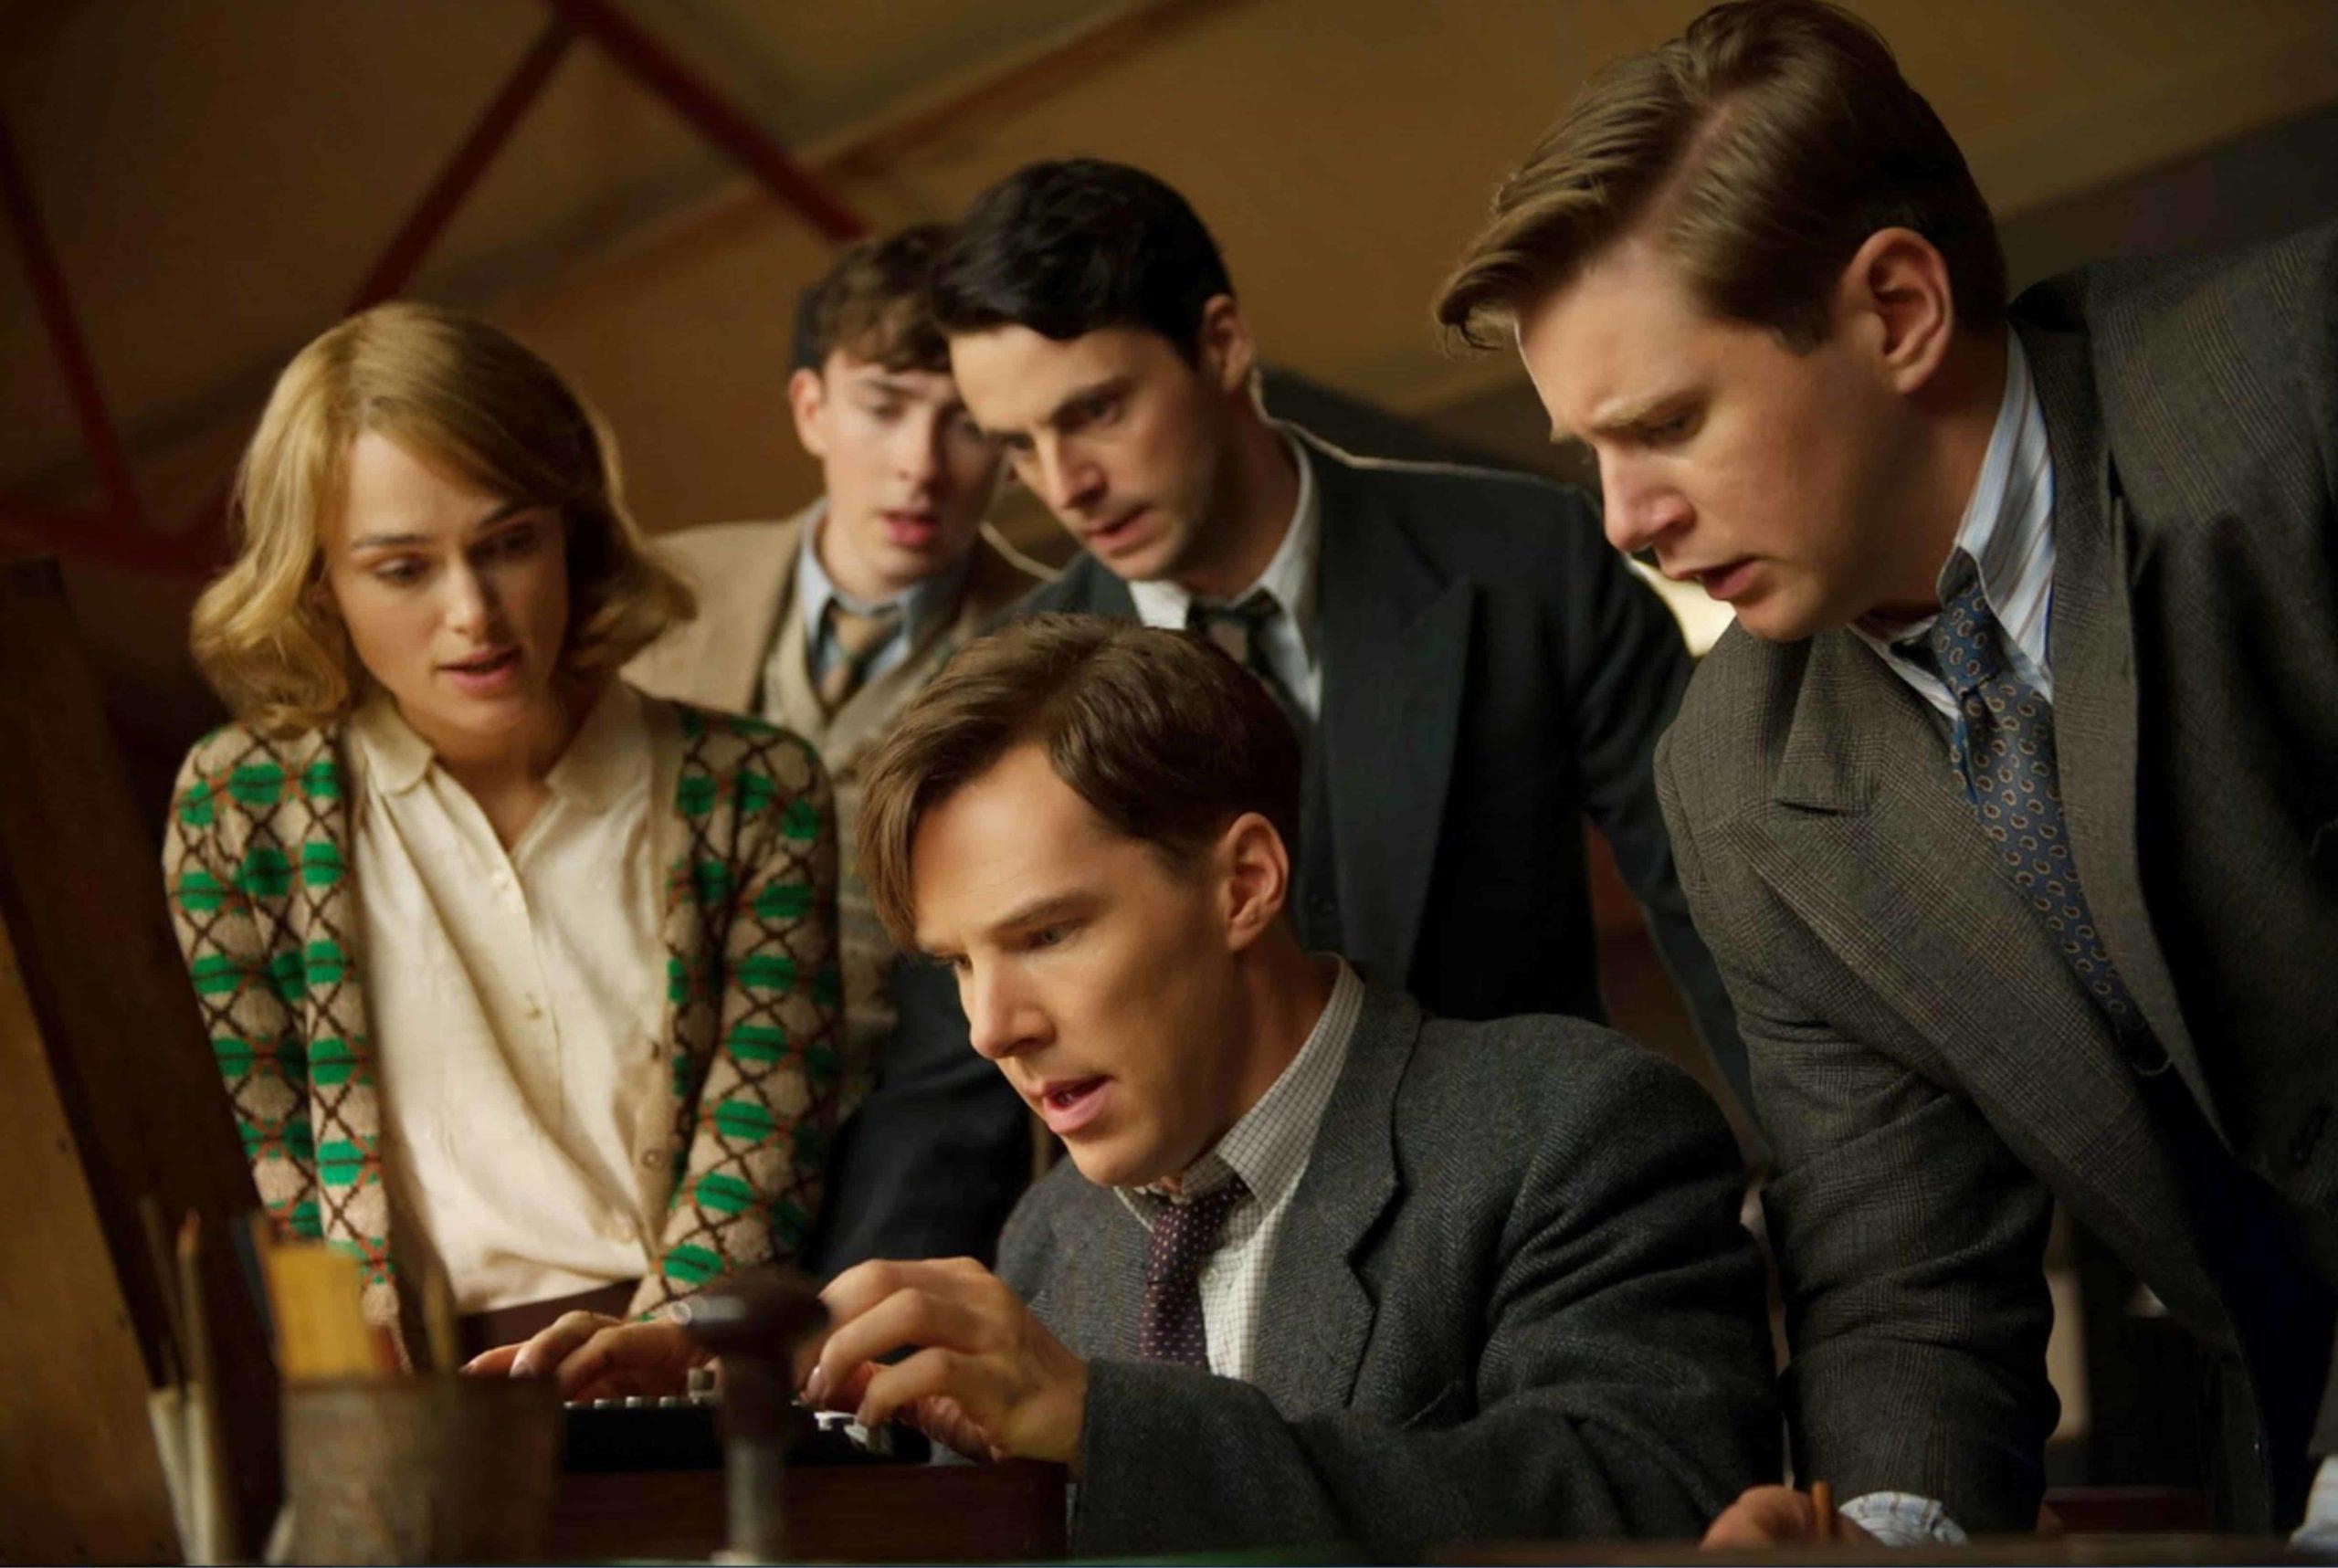 Los matematicos de Turing